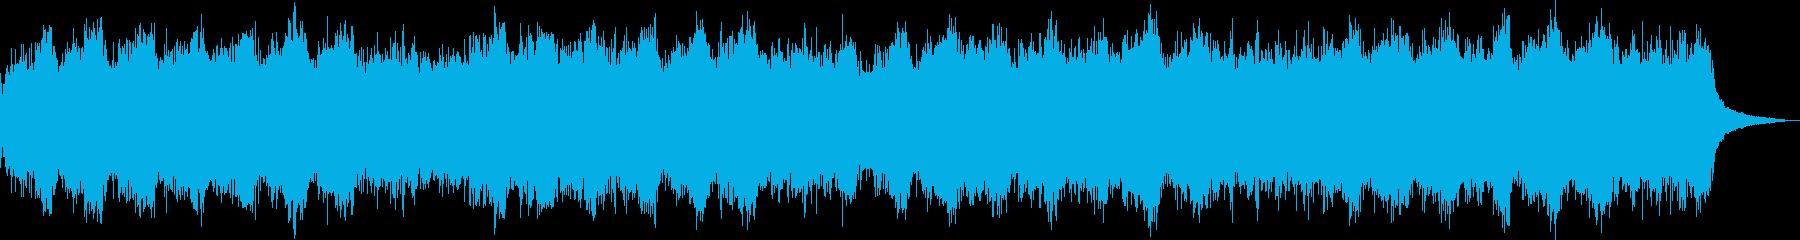 神秘的で不思議なシンセのオリジナル曲ですの再生済みの波形